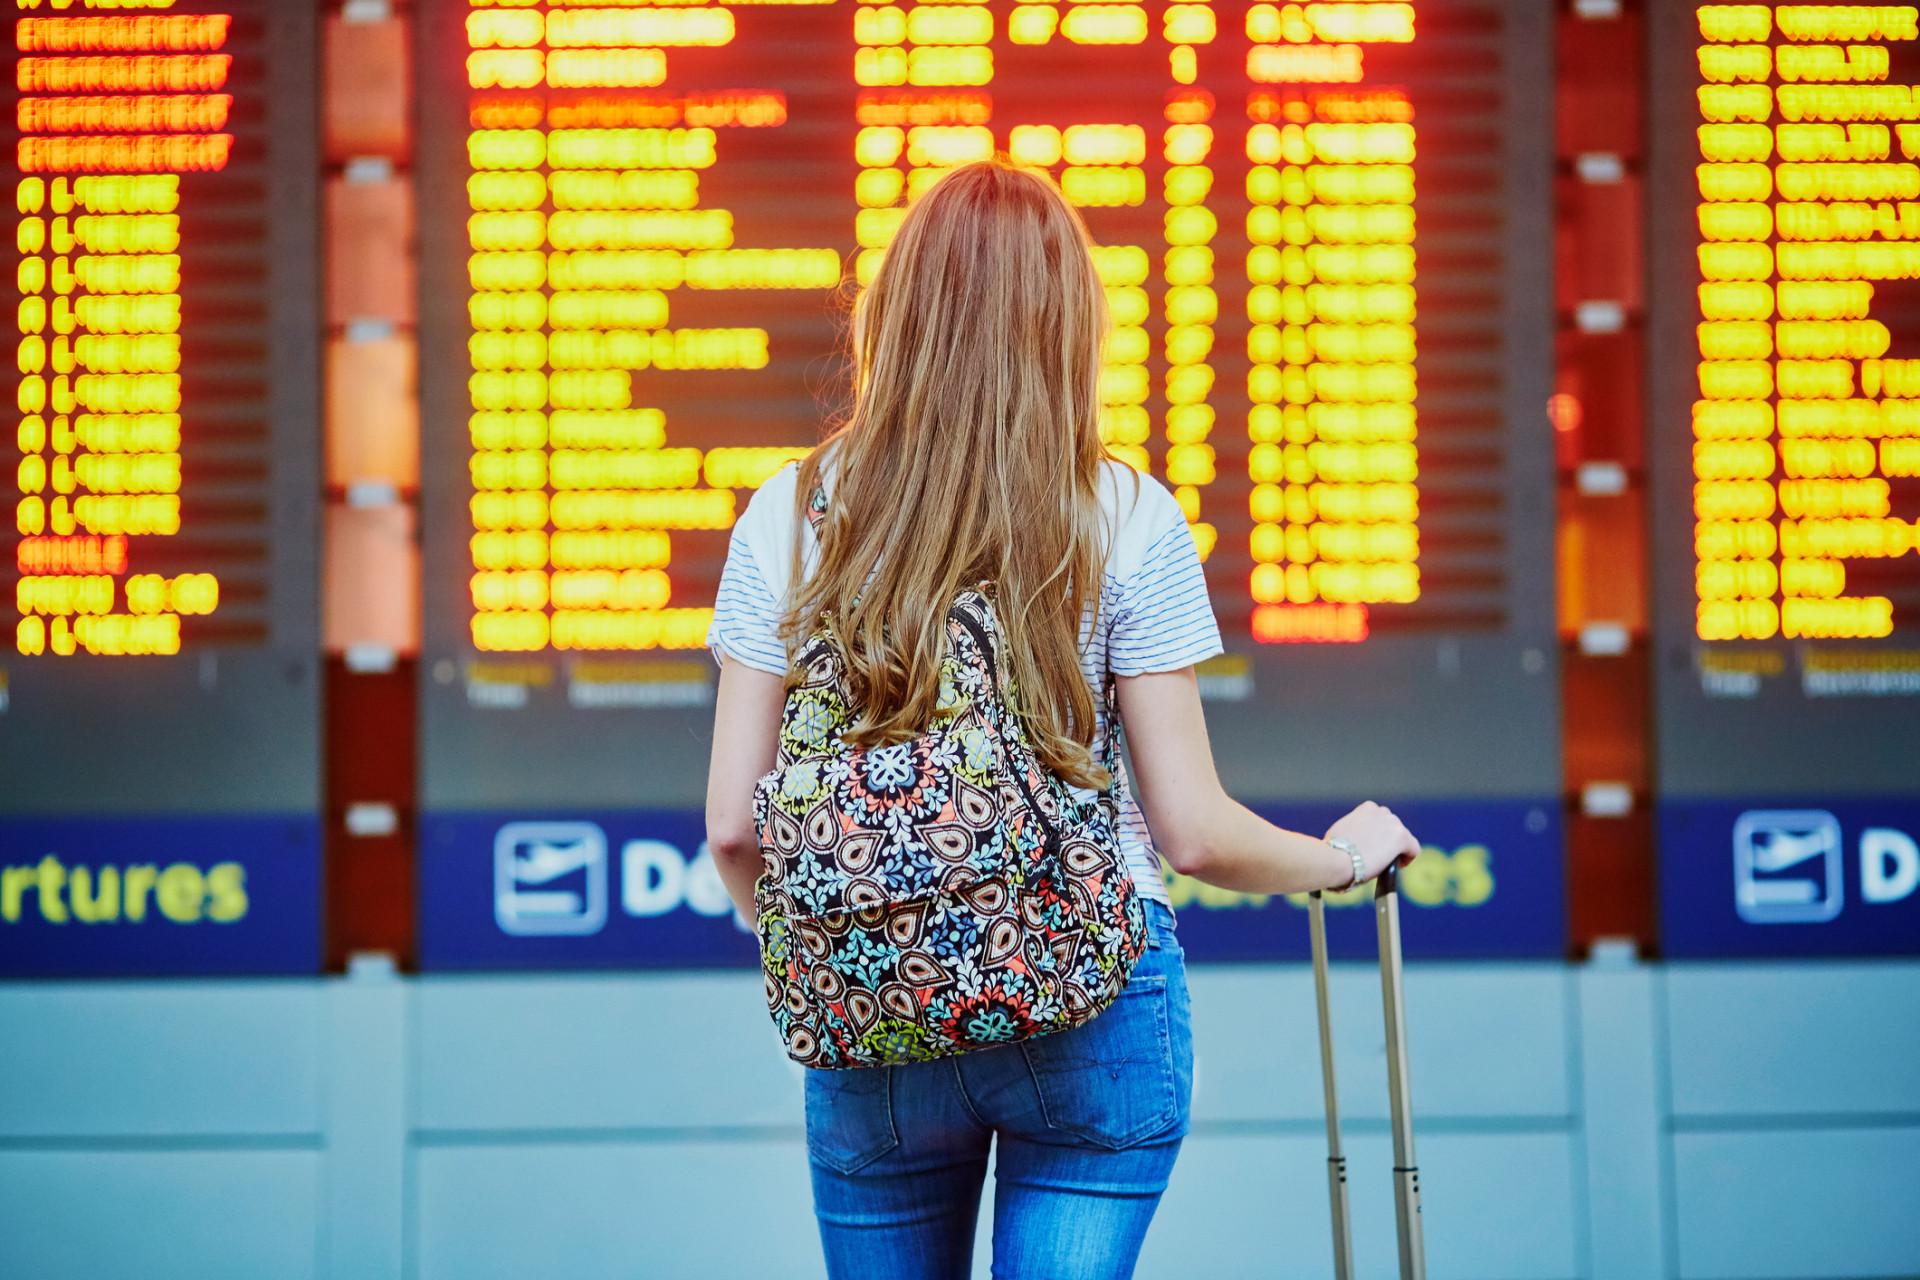 Errores que cometes al viajar y cómo evitarlos